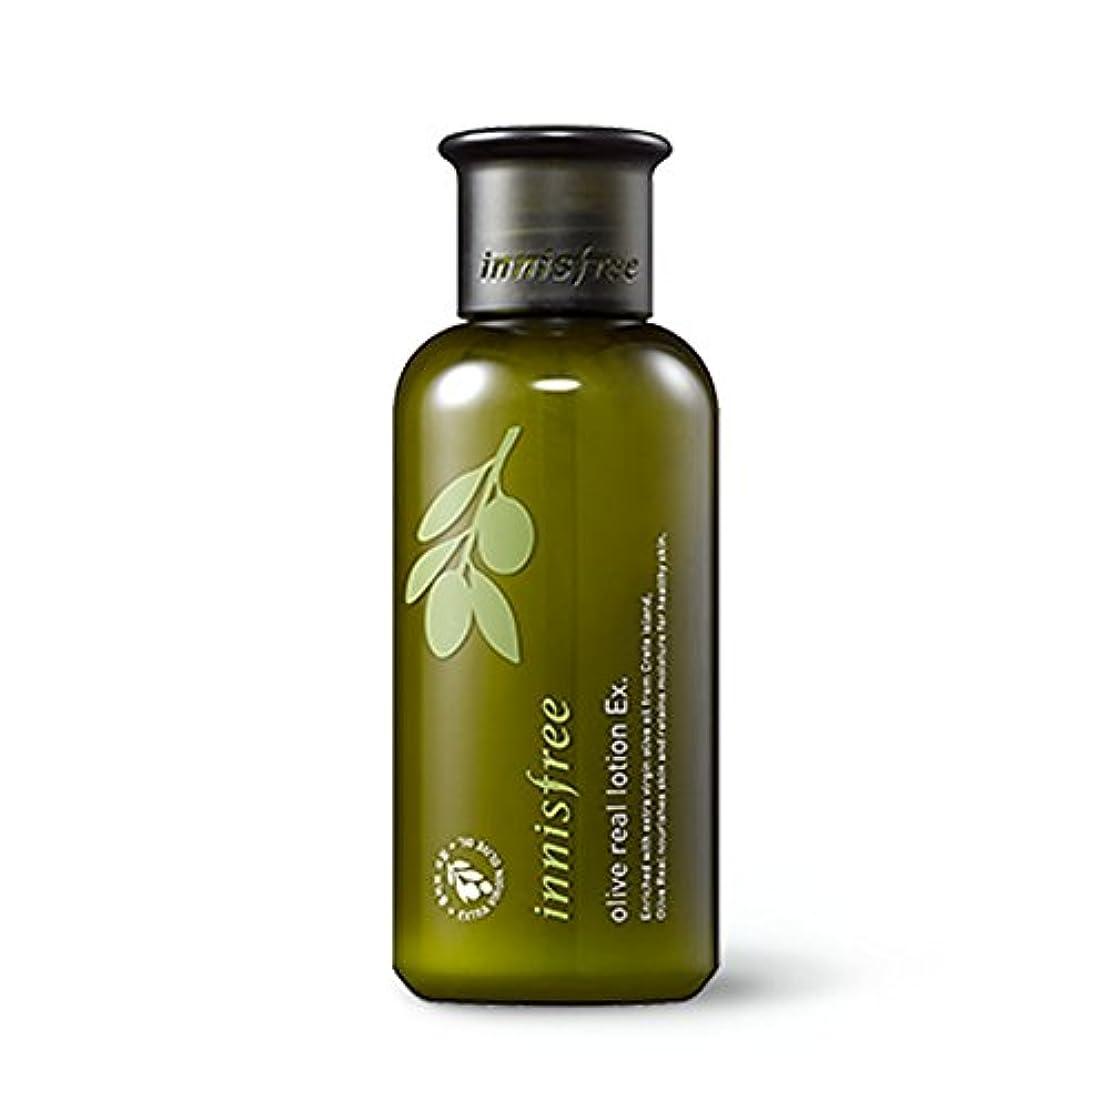 イニスフリーオリーブリアルローションEx 160ml / innisfree Olive Real Lotion Ex 160ml [海外直送品][並行輸入品]